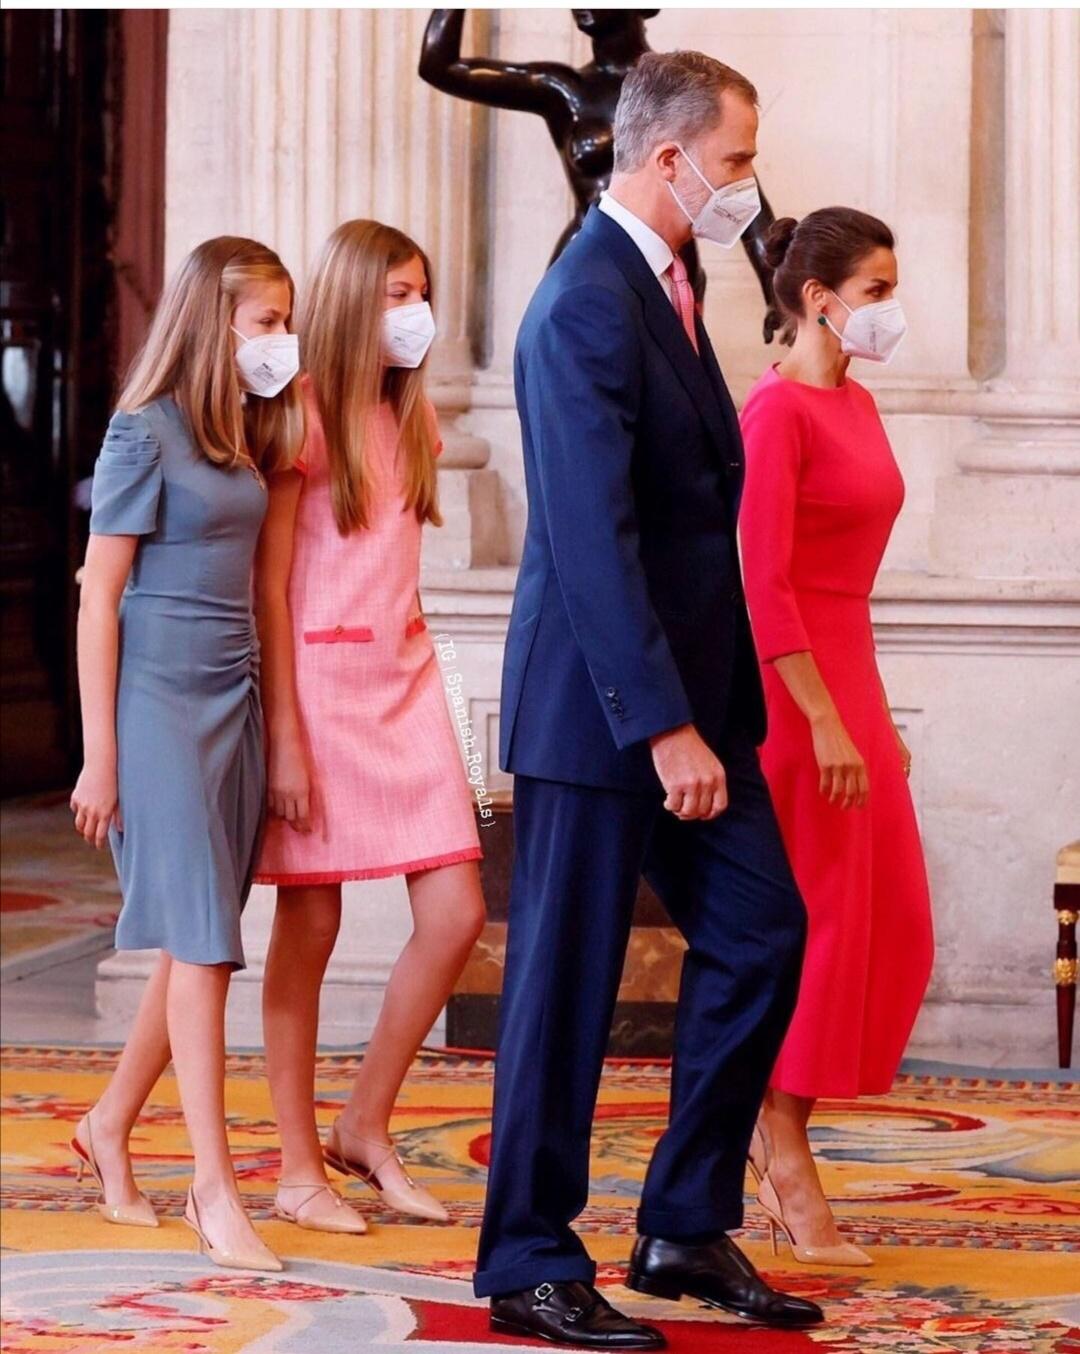 الملك فيليب وزوجته الملكة ليتيزيا وابنتيهما ليونور وصوفيا- الصورة من حساب Spanish royals على إنستغرام